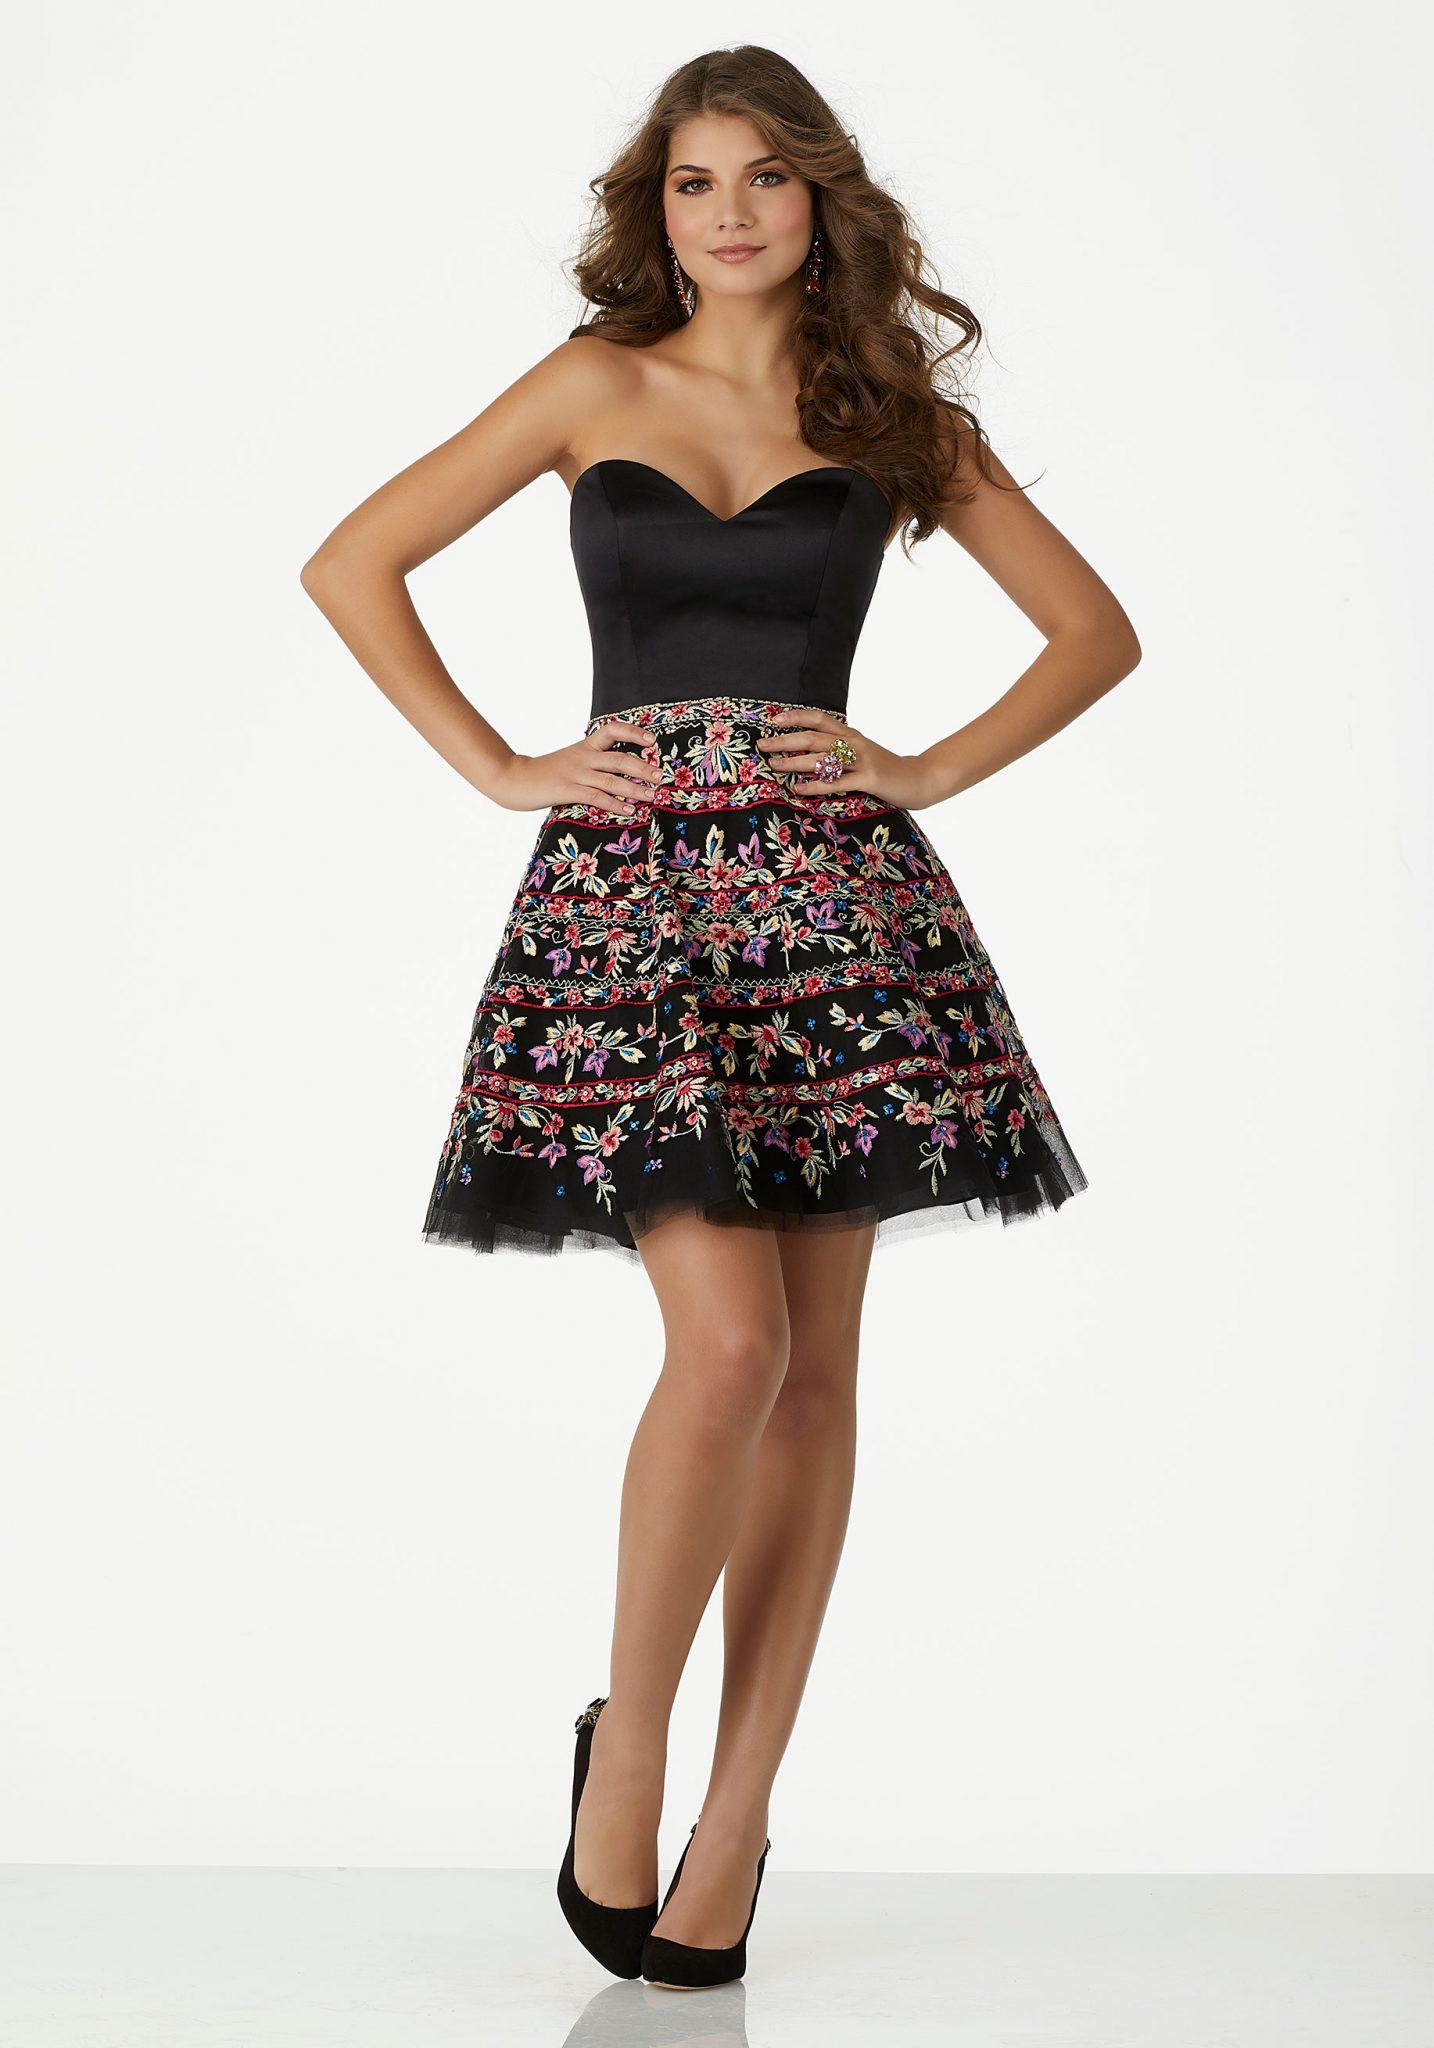 2020 Abiye Elbise Kısa Abiye Modelleri Straplez Saten Tül Etekli Çiçek Nakış İşlemeli